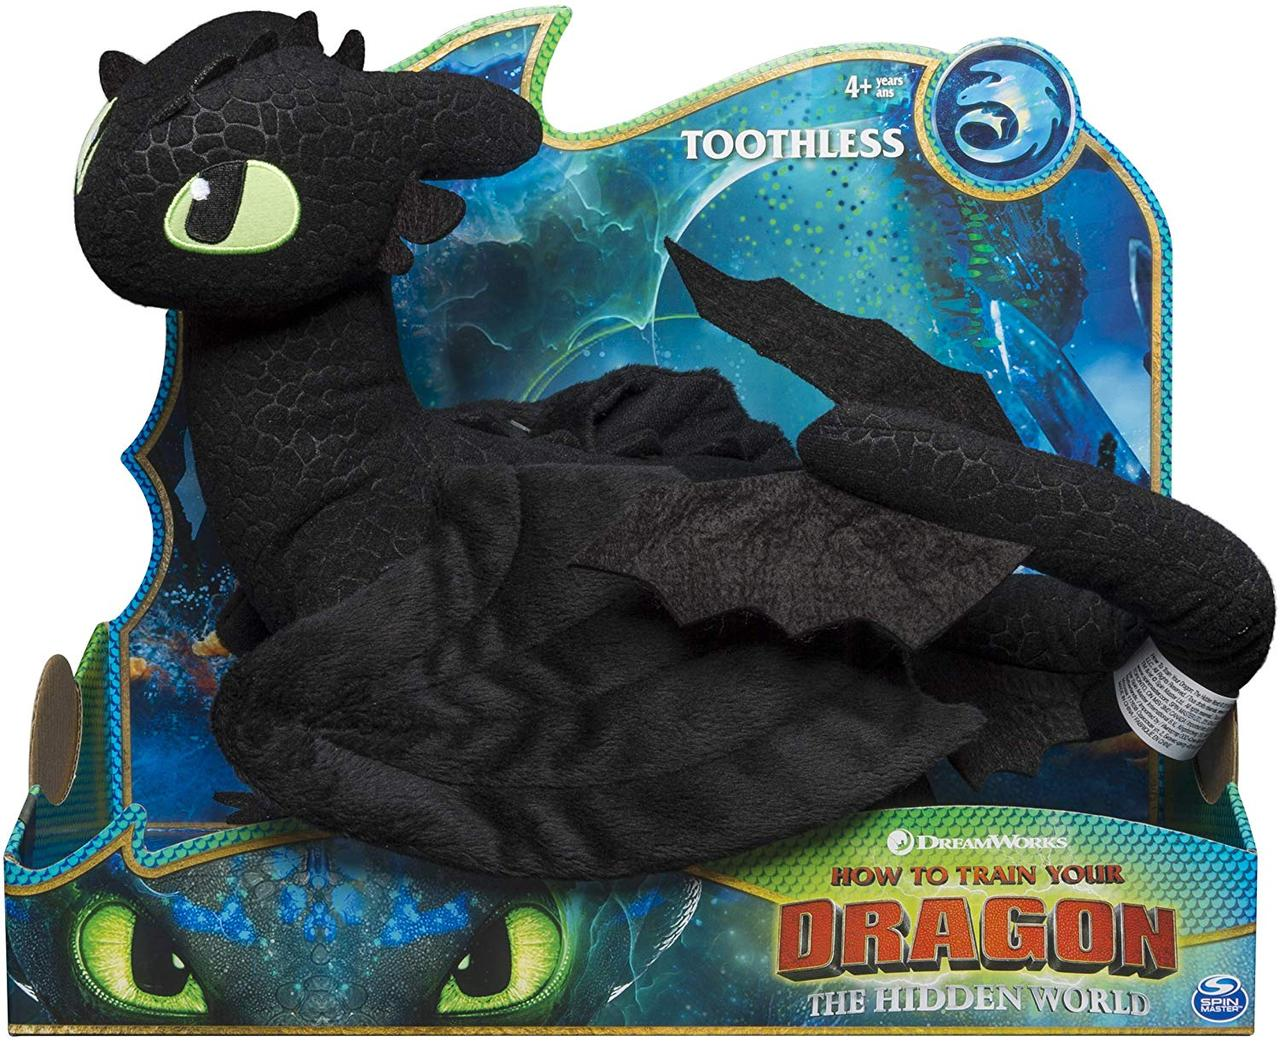 Дракон Беззубик мягкая игрушка 35 см Как приручить драконаDreamworks Dragon. Оригинал из США